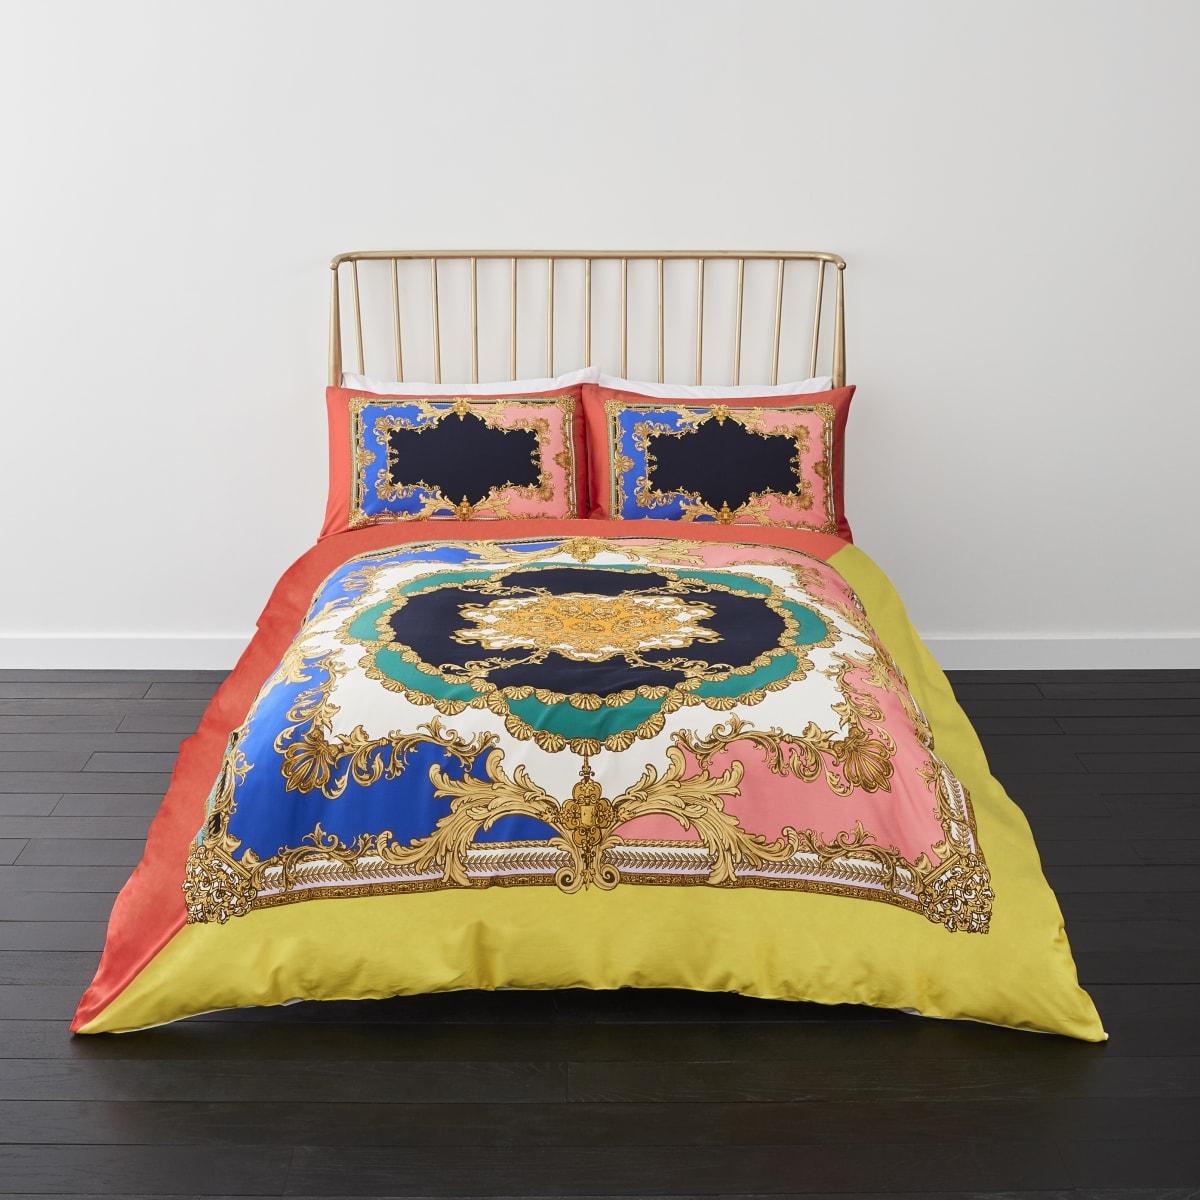 Parure de lit ornée rose vif pour lit king size